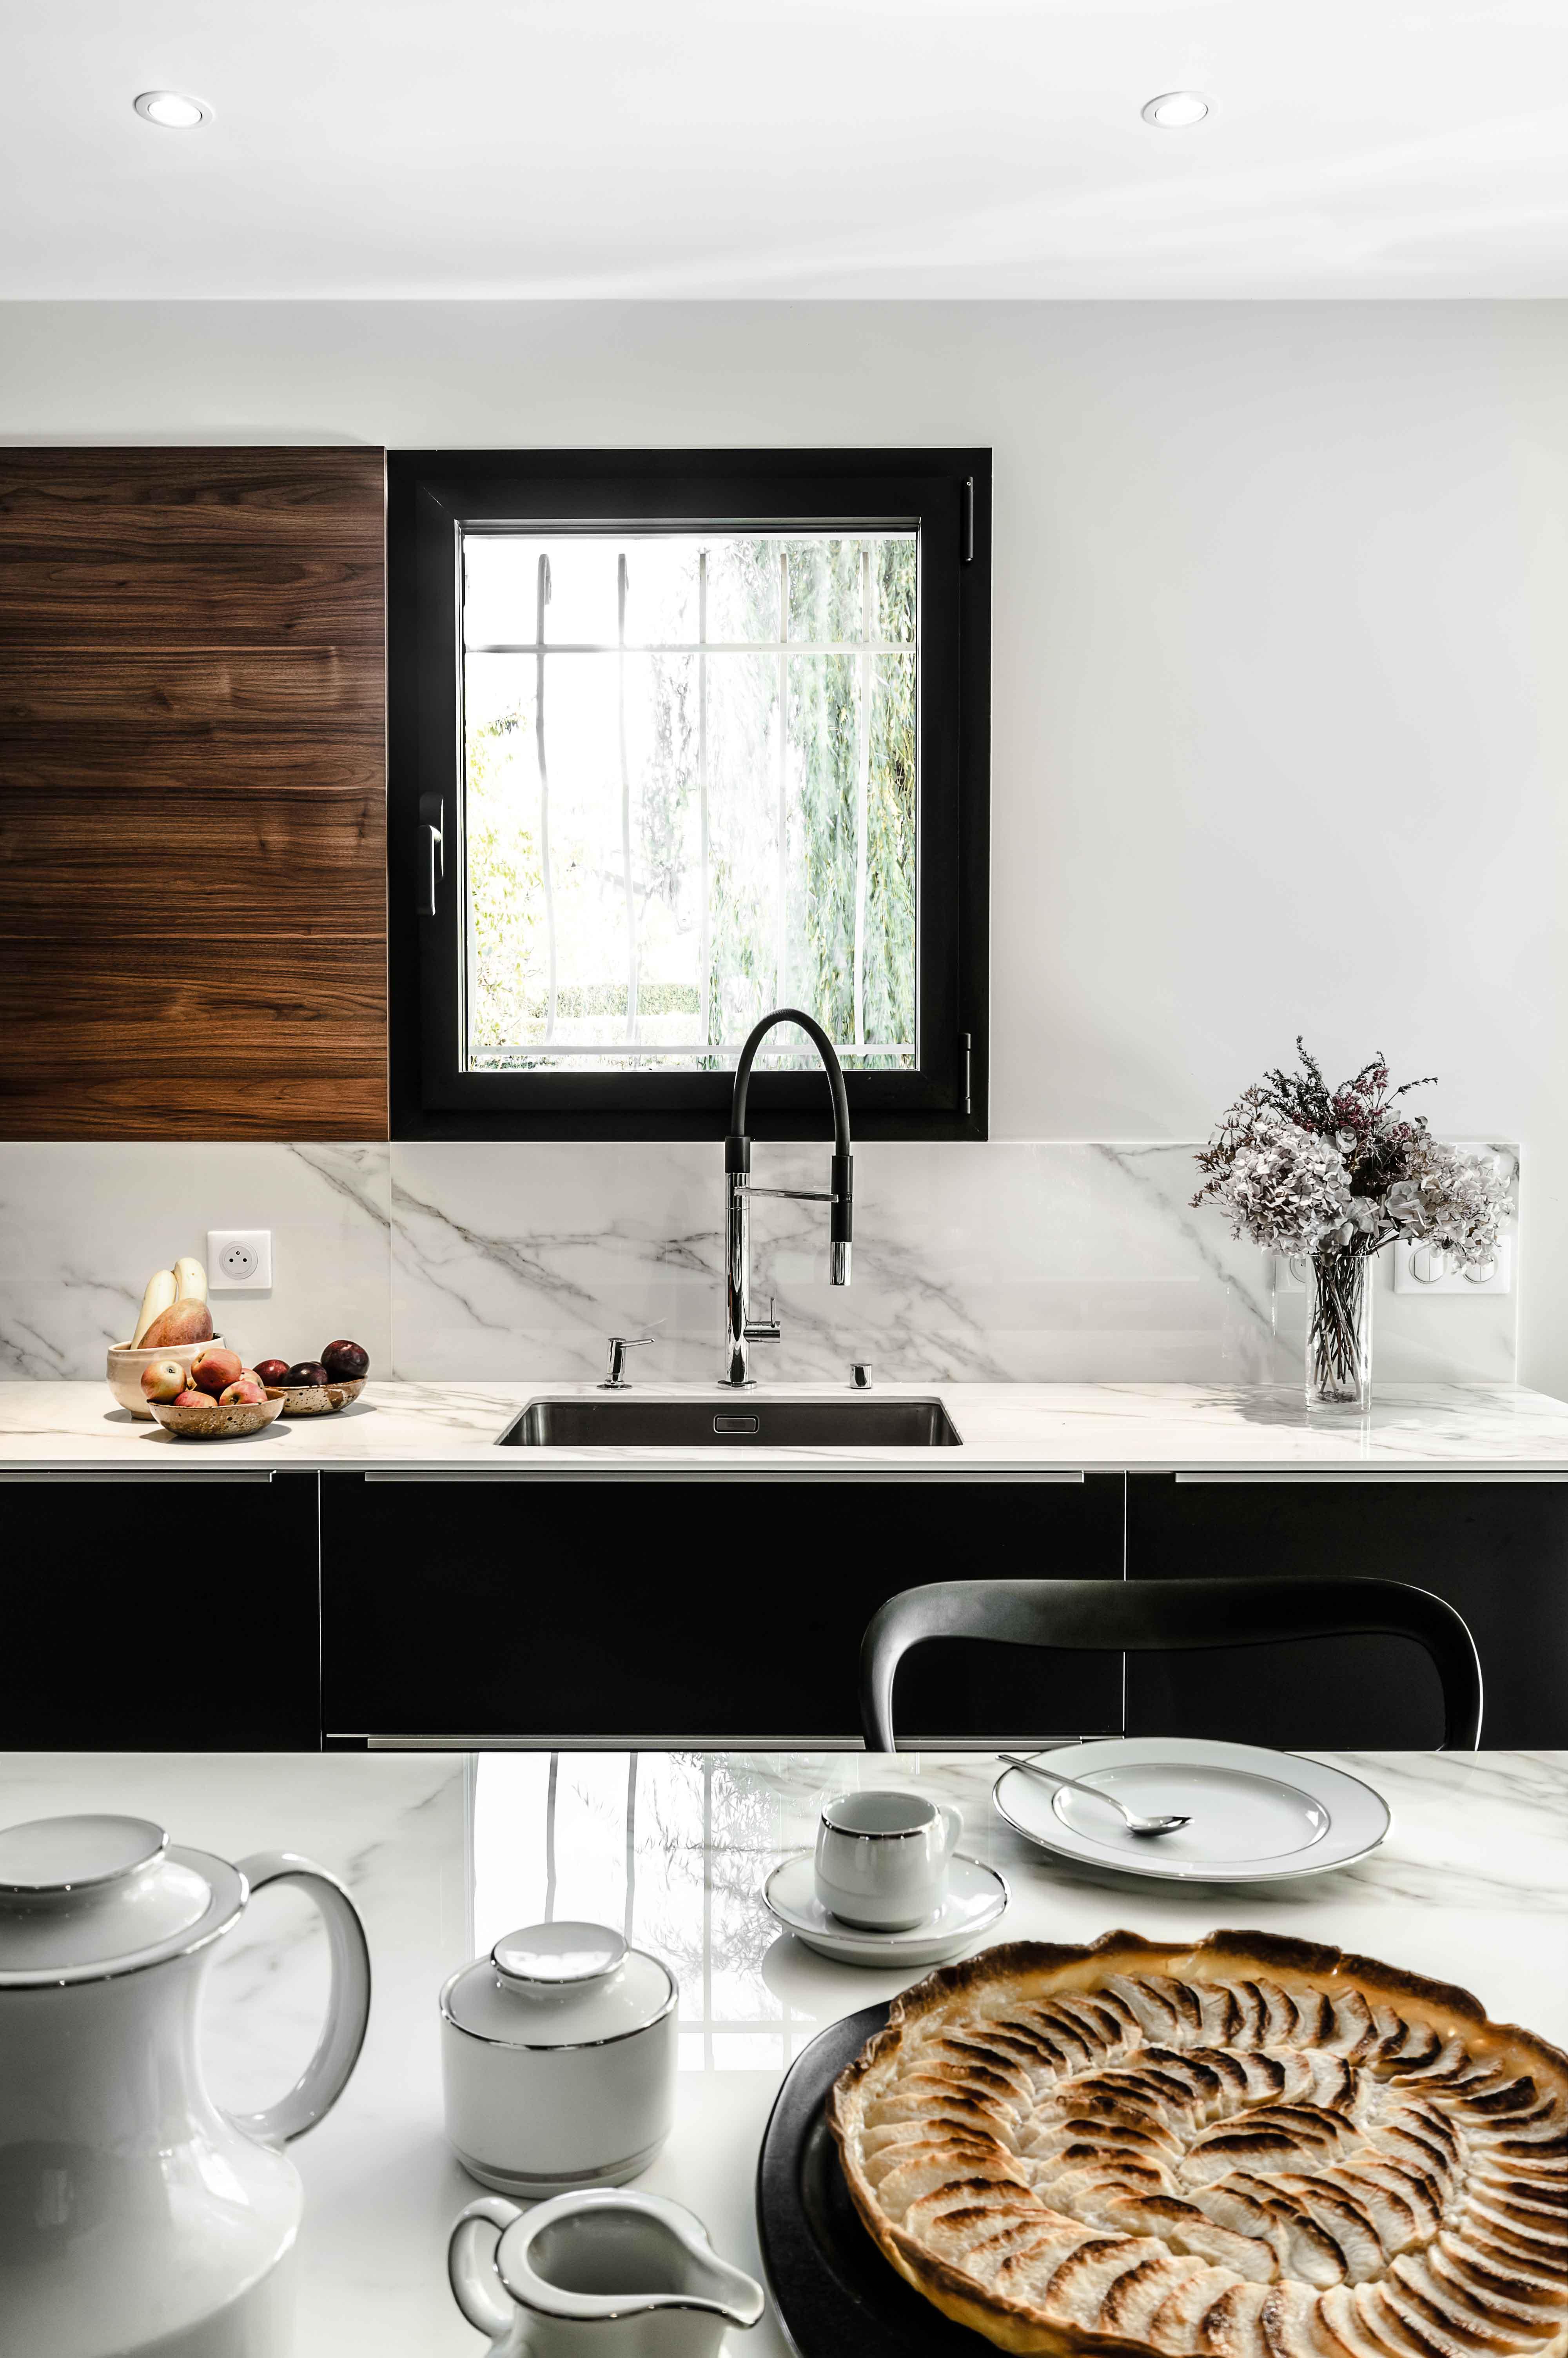 pose d'une belle cuisine moderne lumineuse réalisée sur mesure vers annecy en haute-savoie